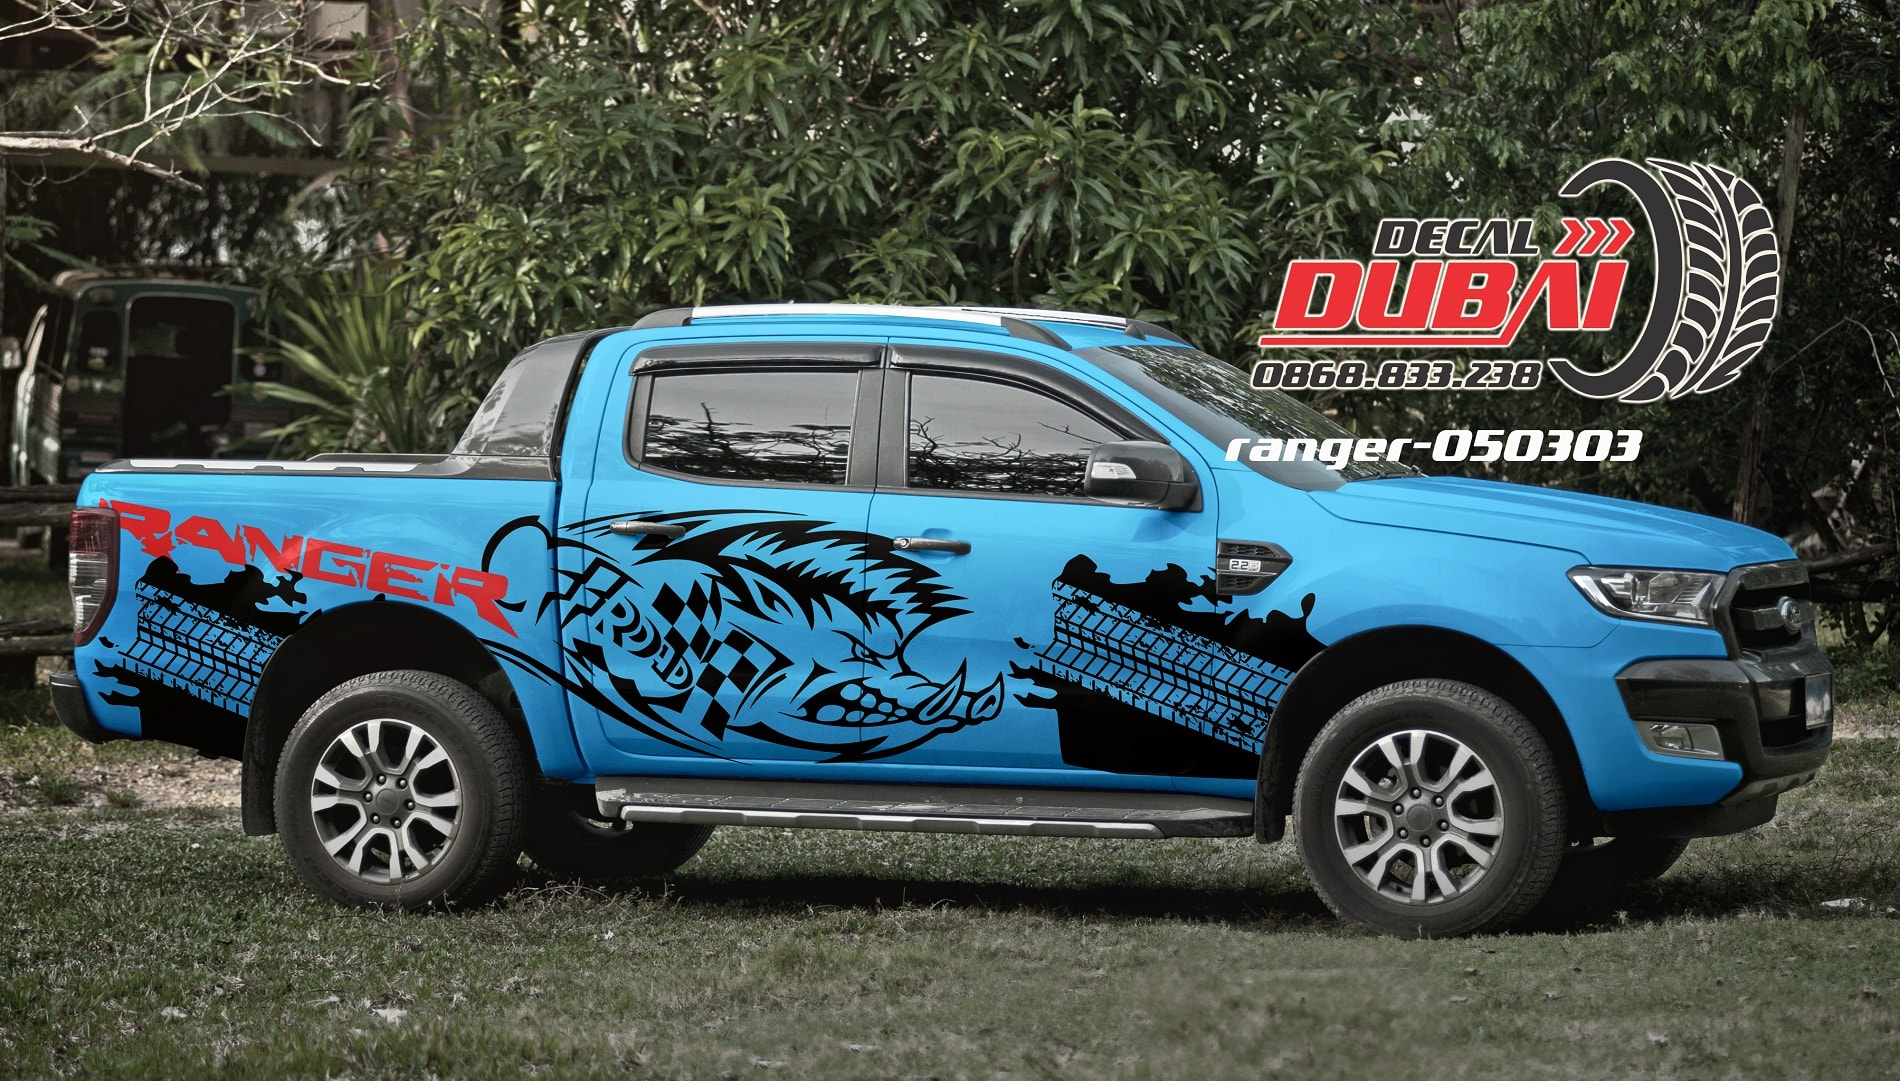 Tem-xe-ranger-050303.4-1750k-min